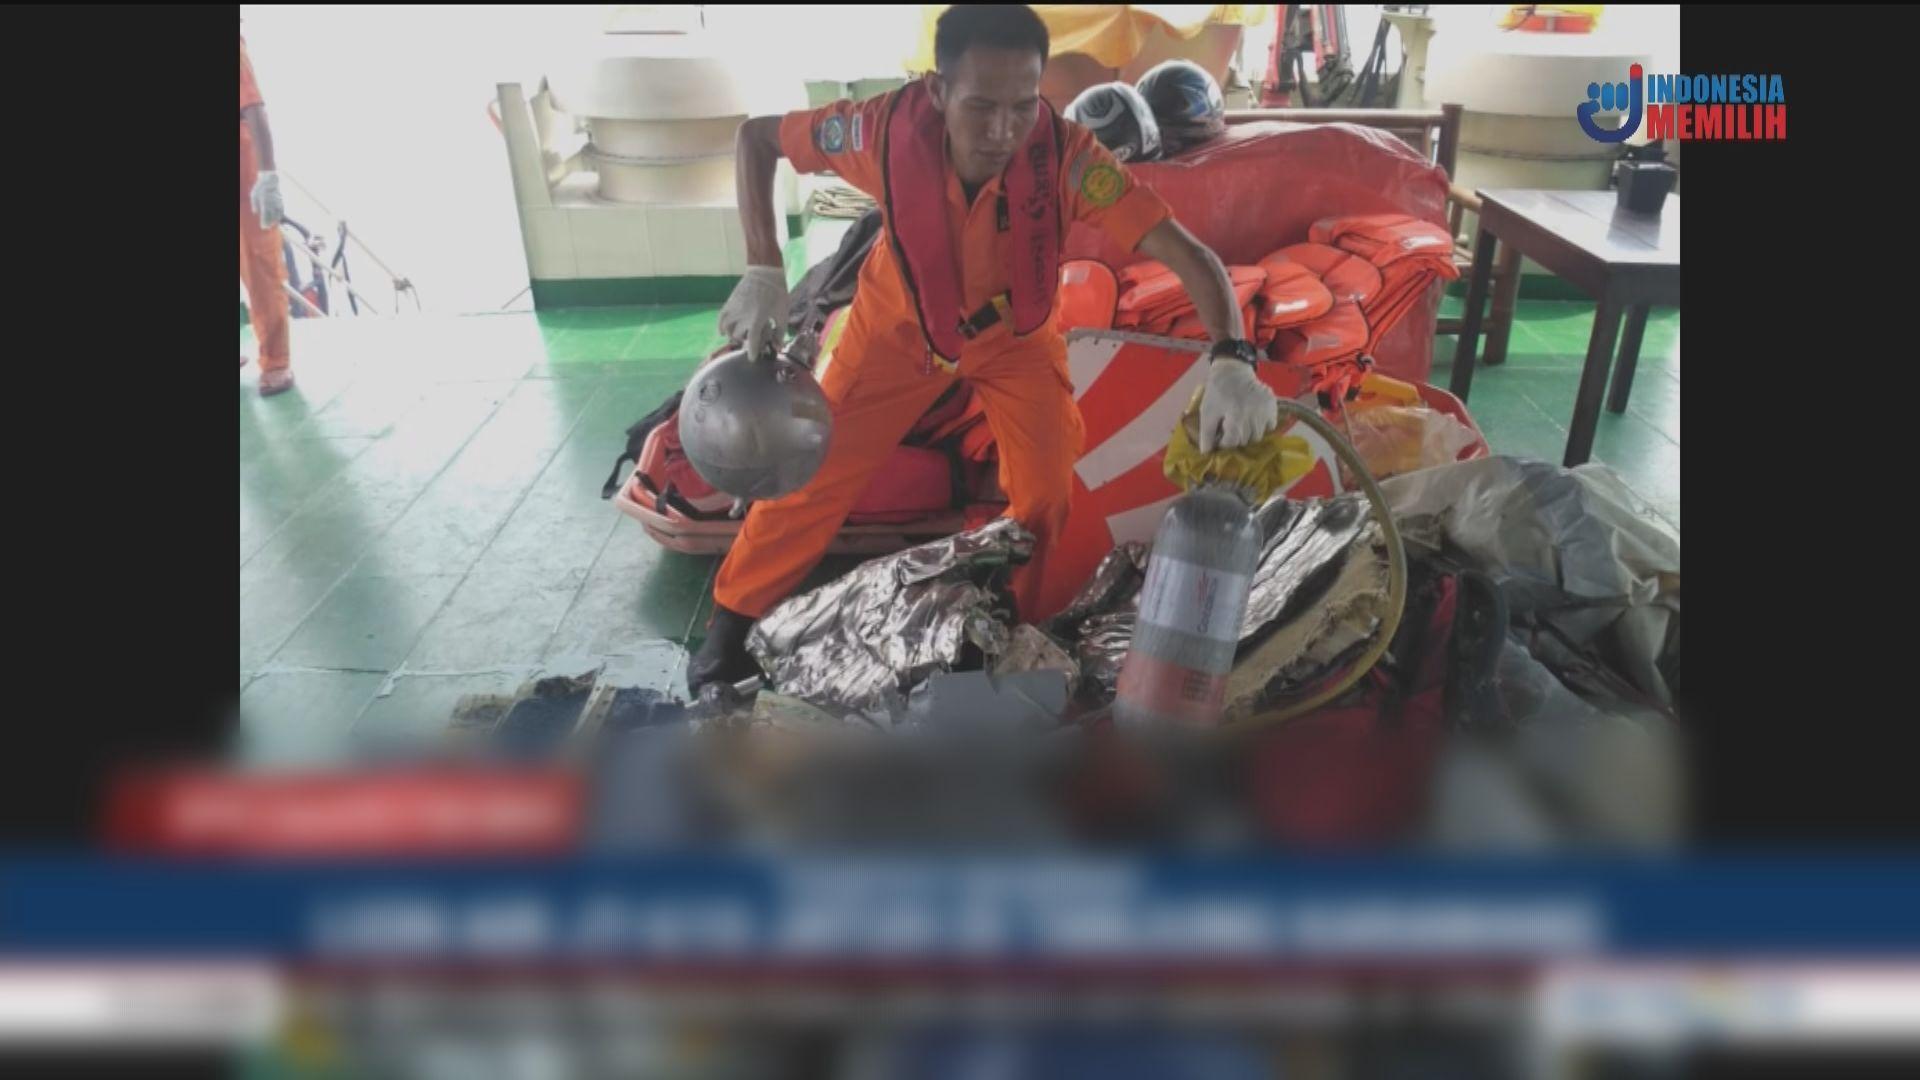 印尼獅航墜毀 機師曾要求折返